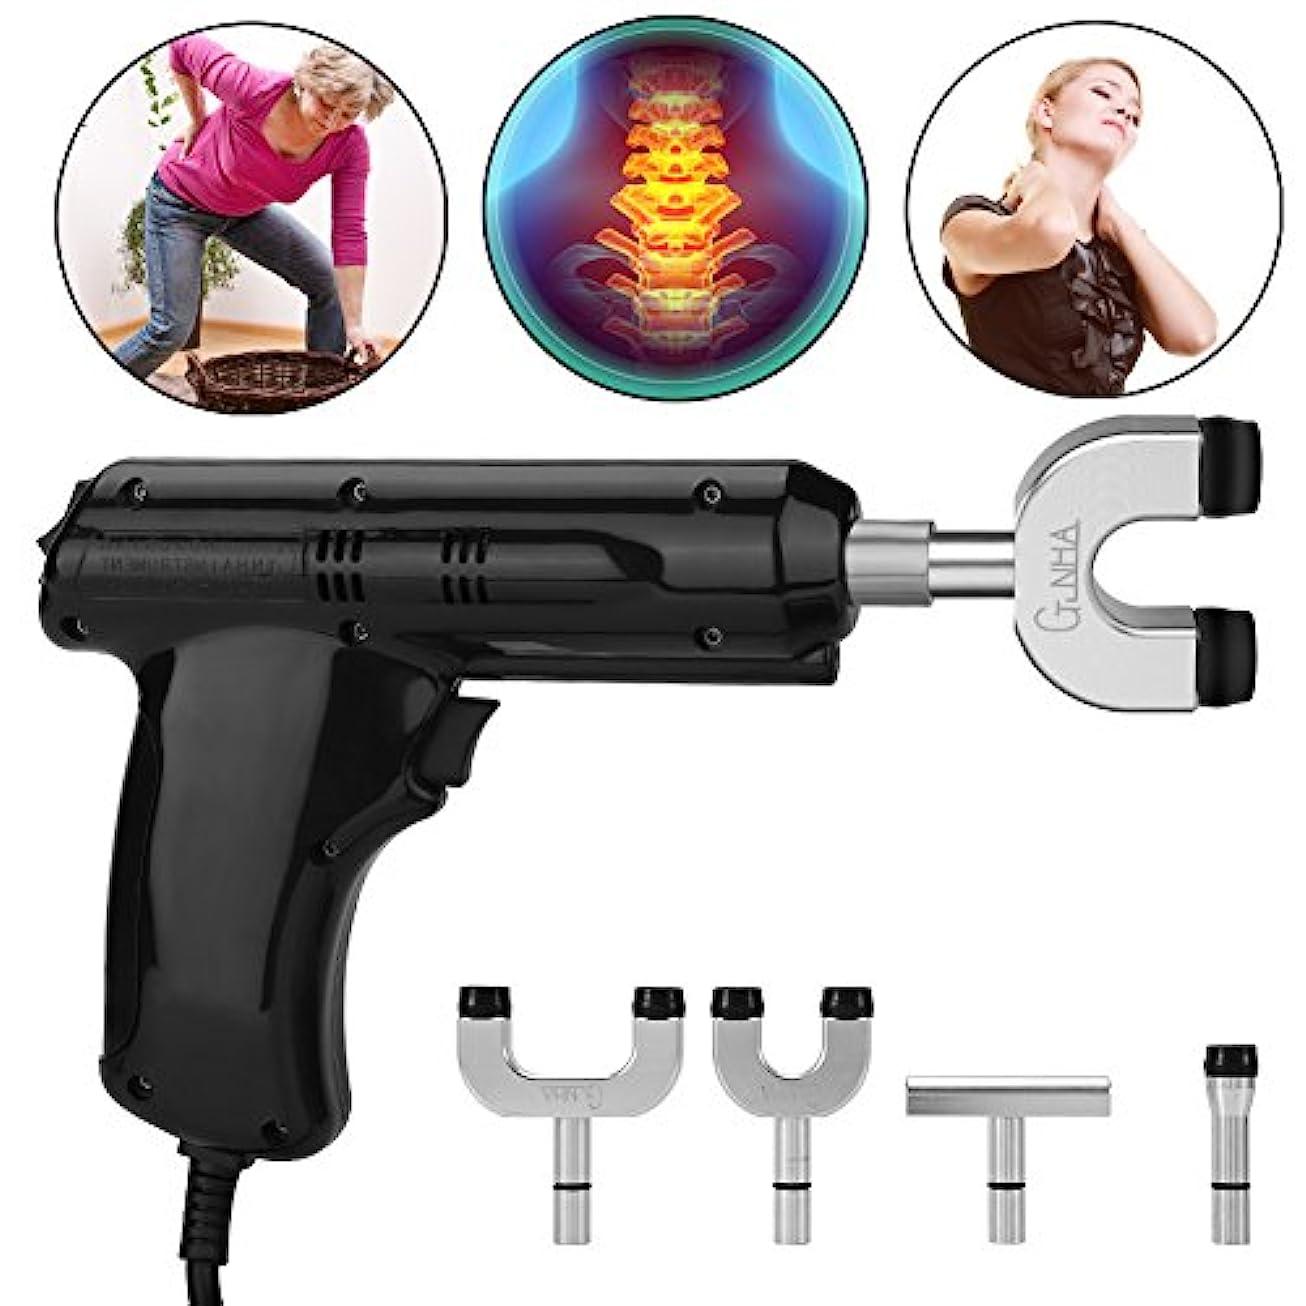 ワーディアンケース光電ペインティング電動カイロプラクター、カイロプラクター、背骨と胸郭を調整するための身体緩和ツール、黒